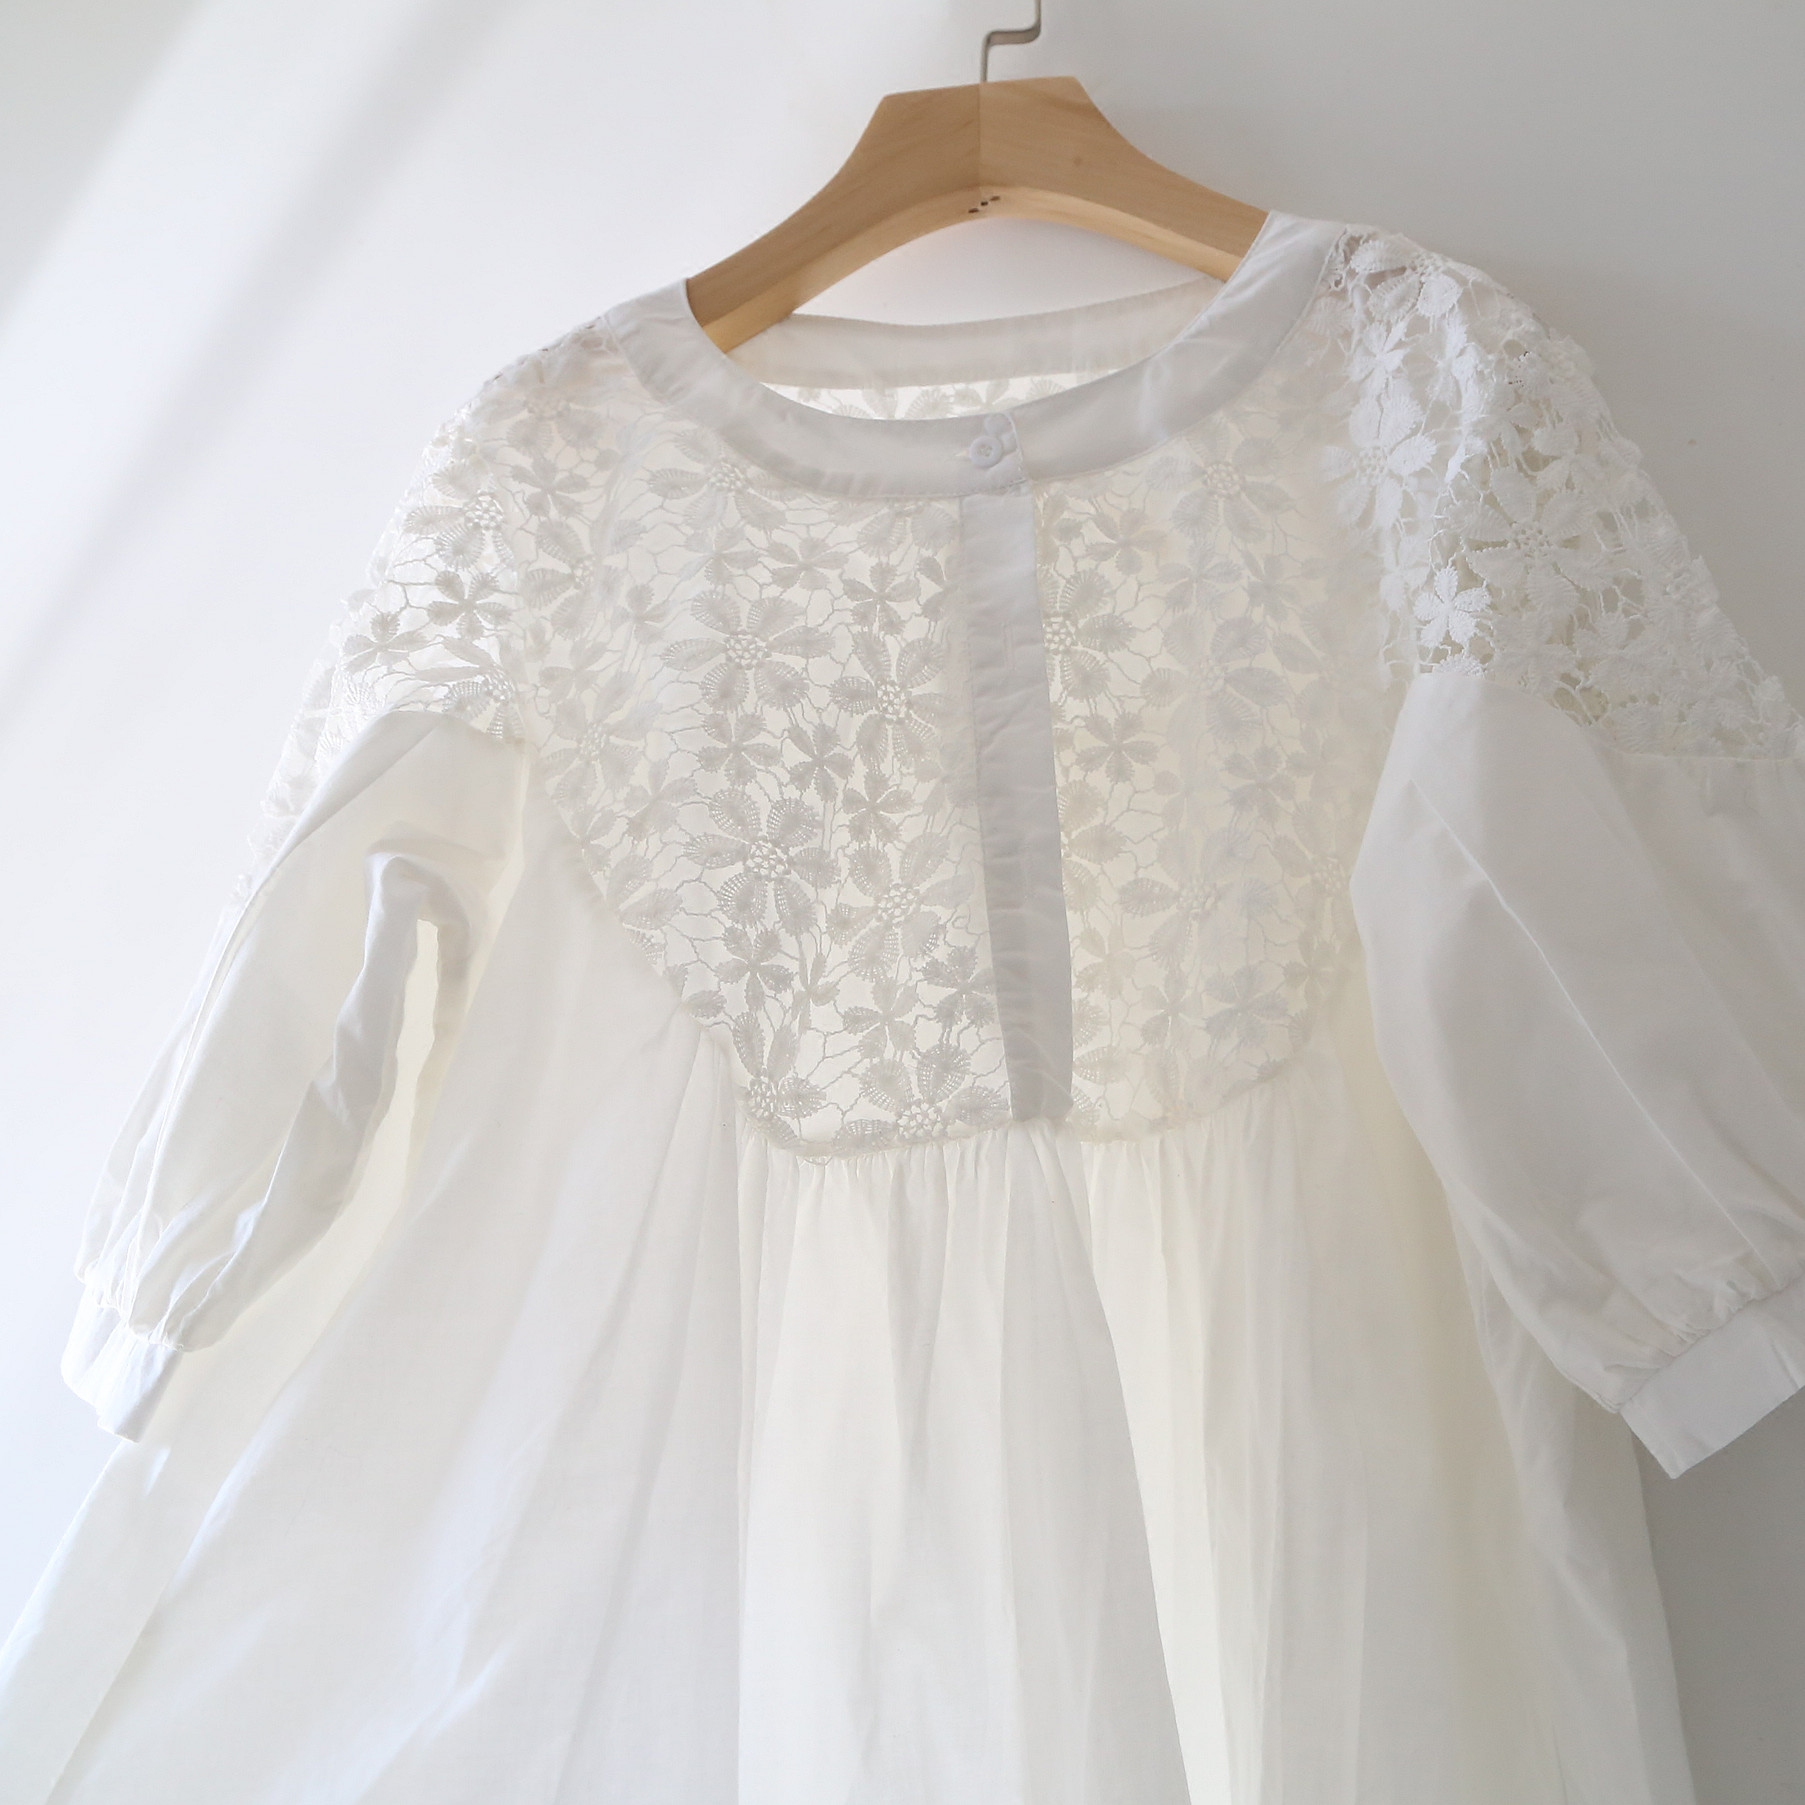 2020夏季 短袖衬衫蕾丝刺绣镂空勾花白色宽松棉布女装娃娃衫衬衣